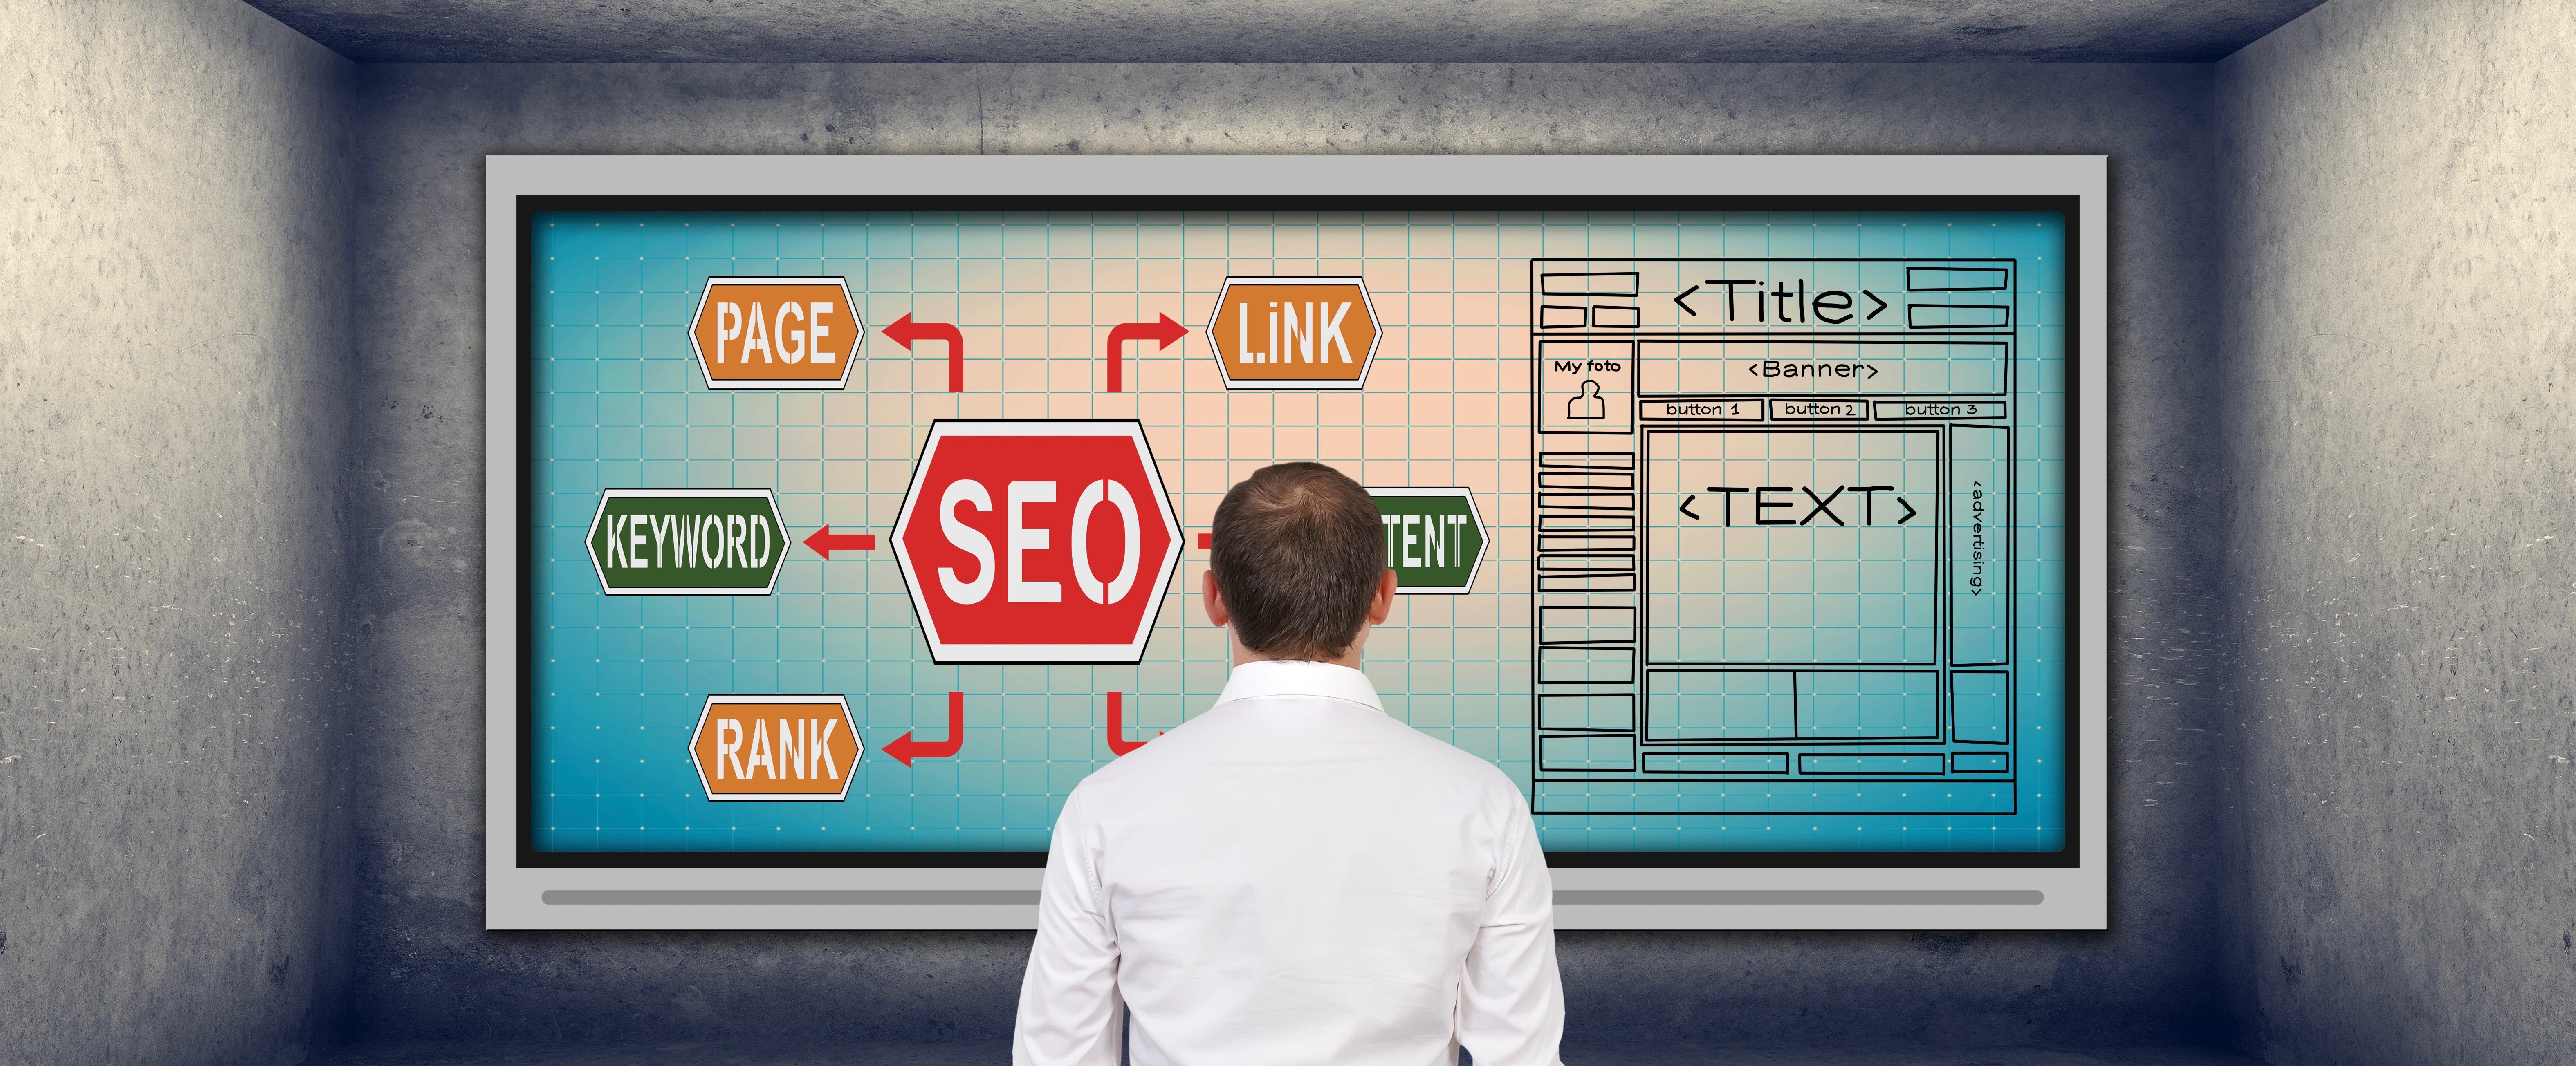 検索エンジンとSEOの歴史